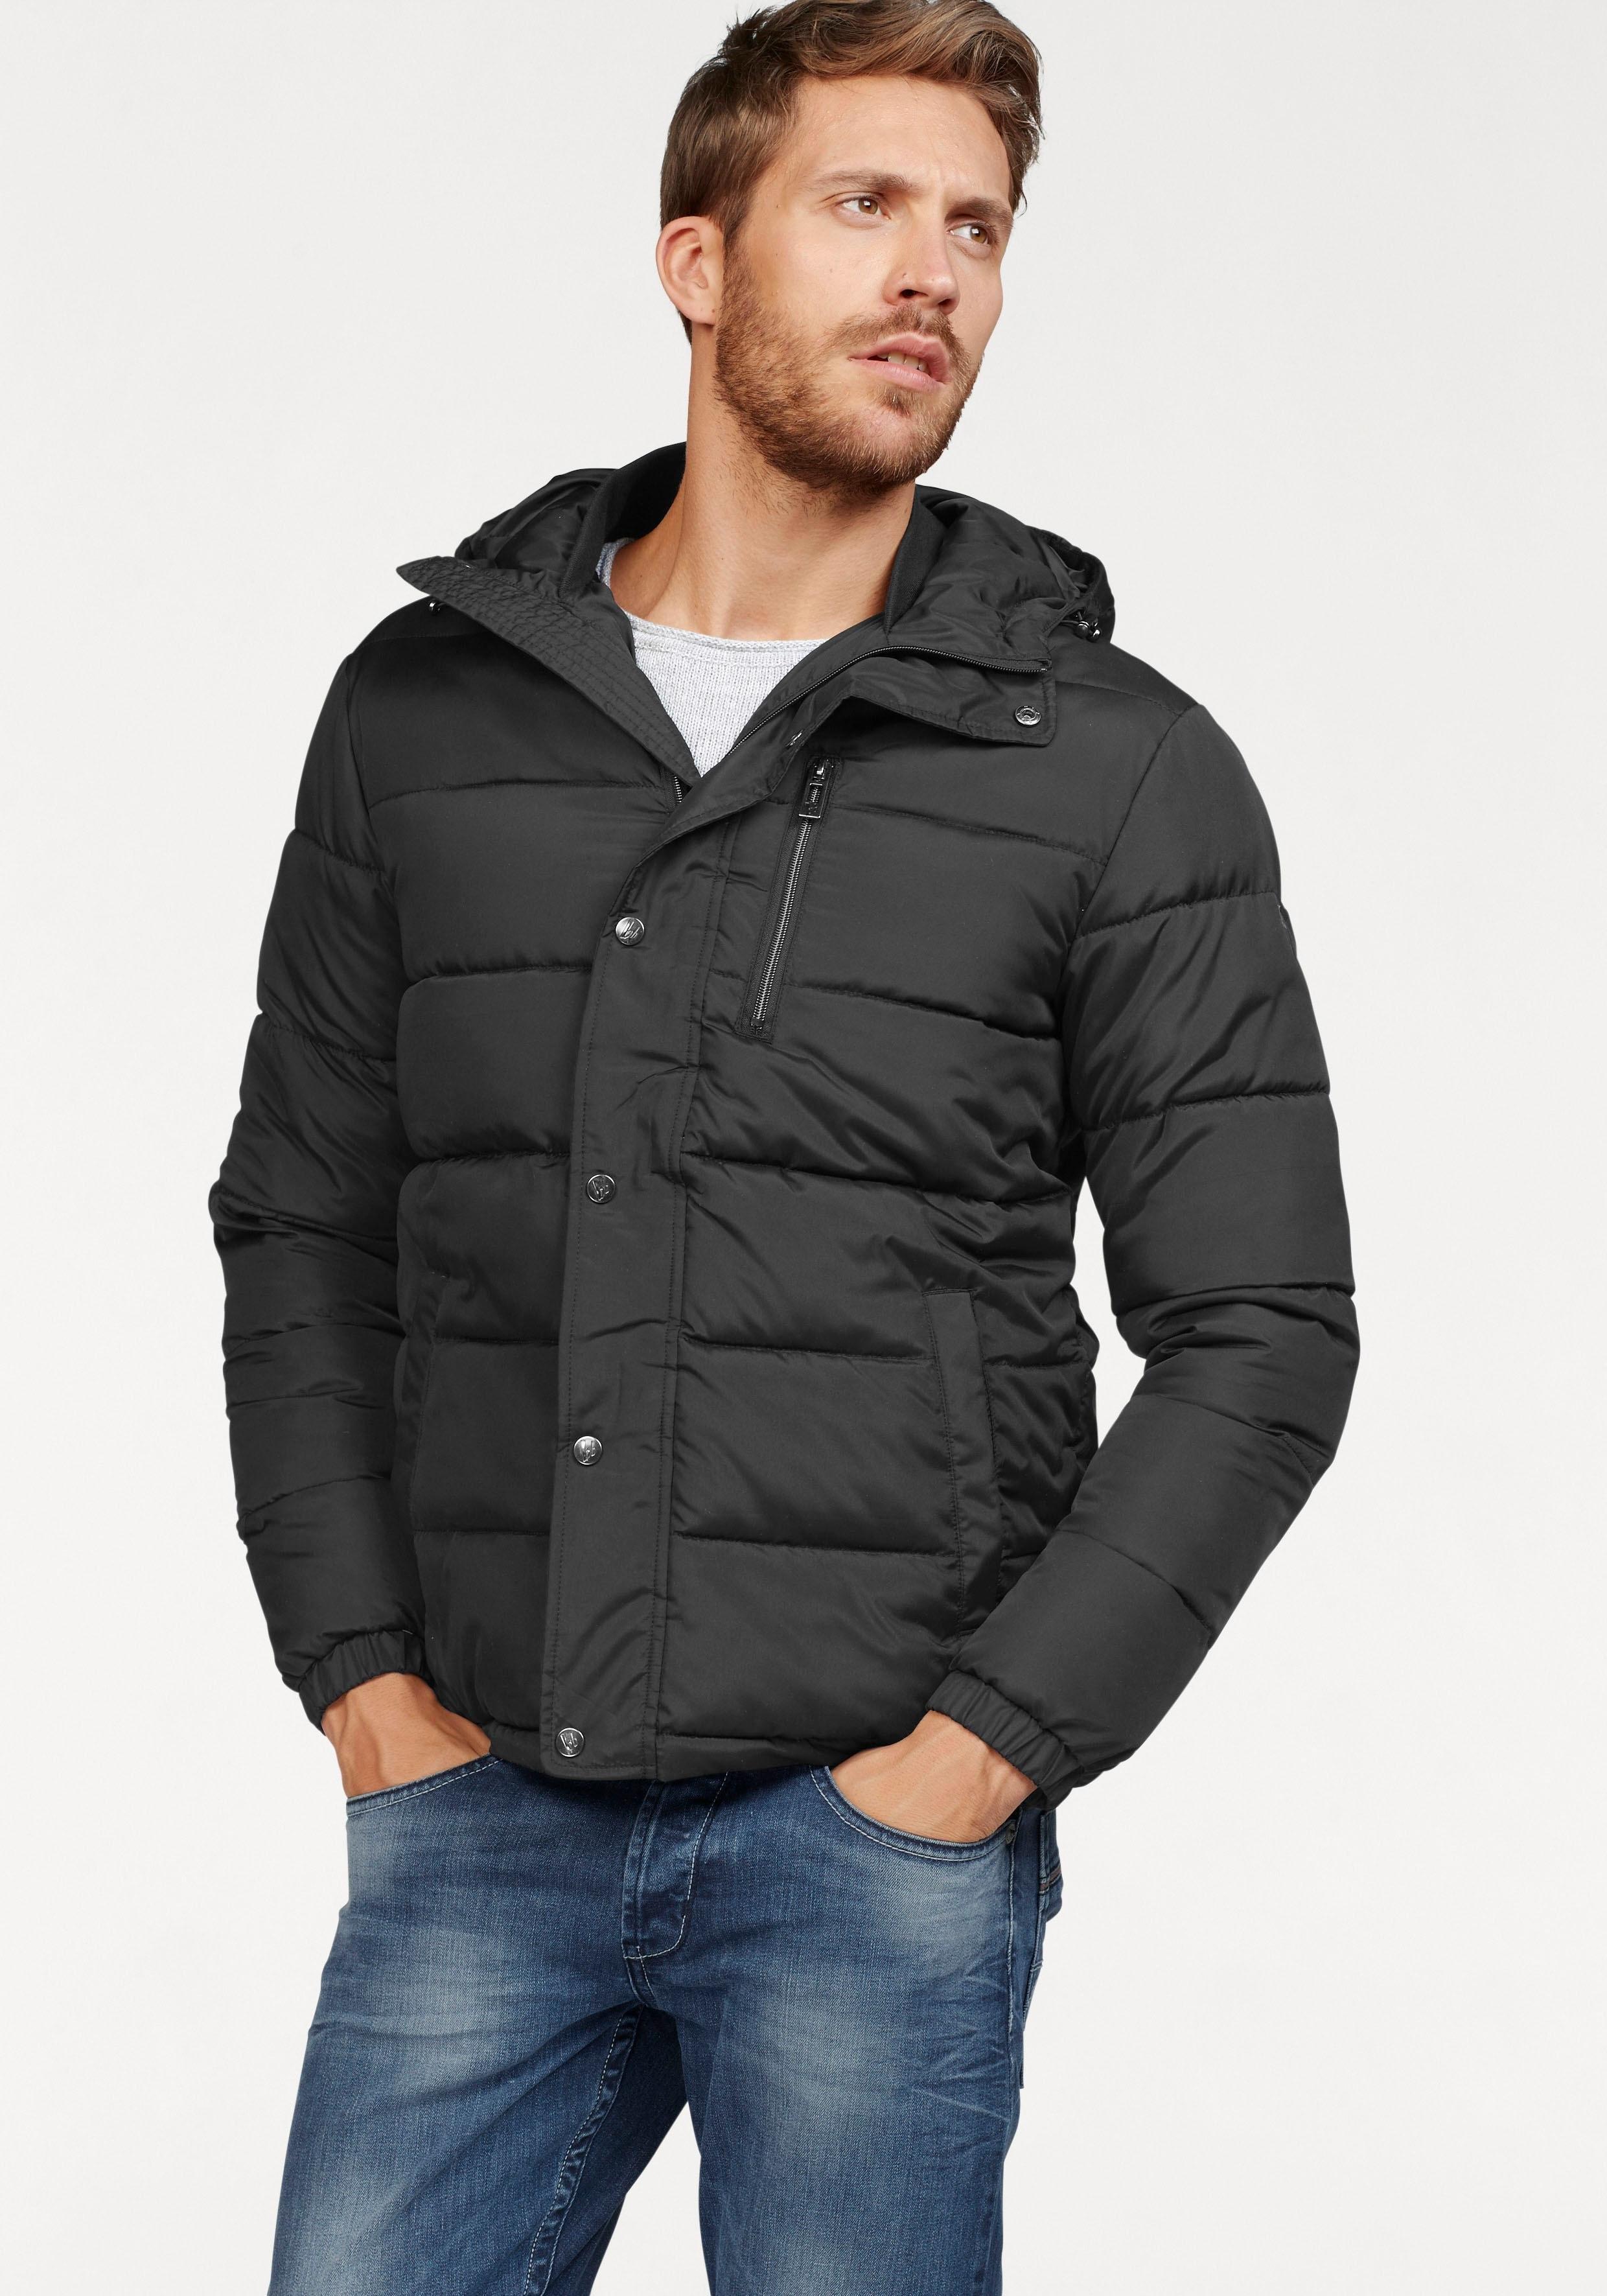 Op zoek naar een Bruno Banani gewatteerde jas met logobadge? Koop online bij OTTO